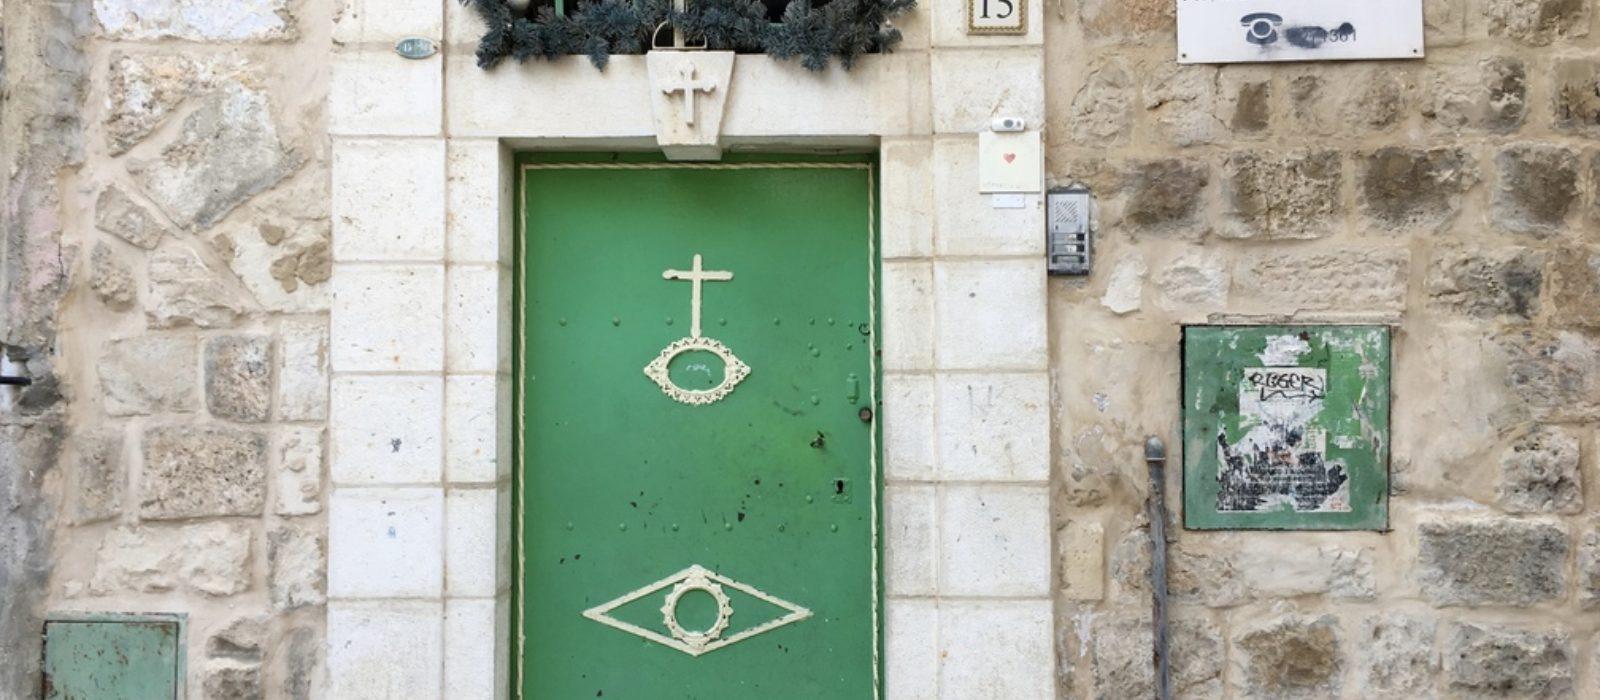 Jerusalem_backstreets_2